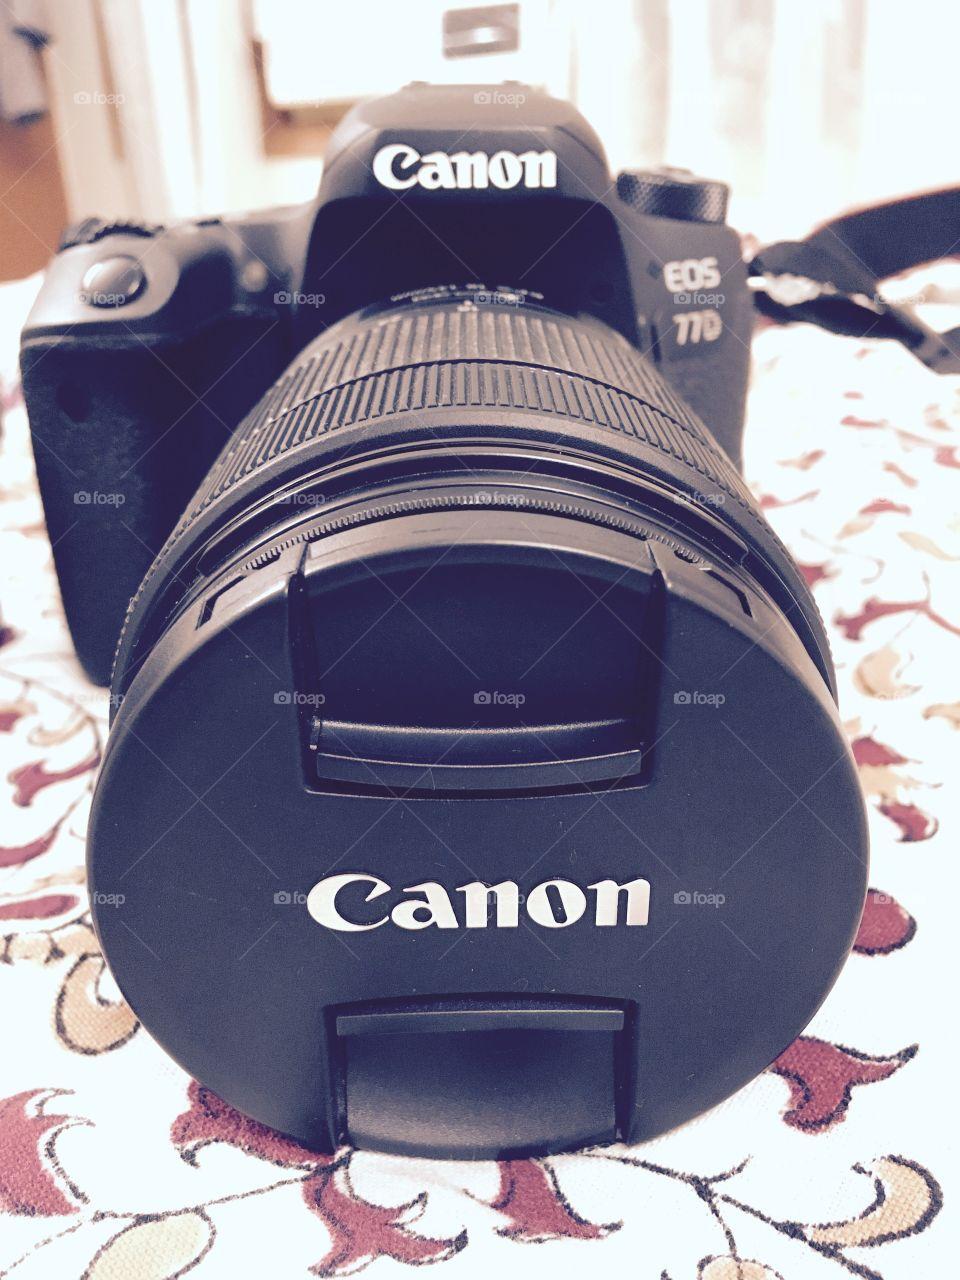 Canon dslr camera, camera